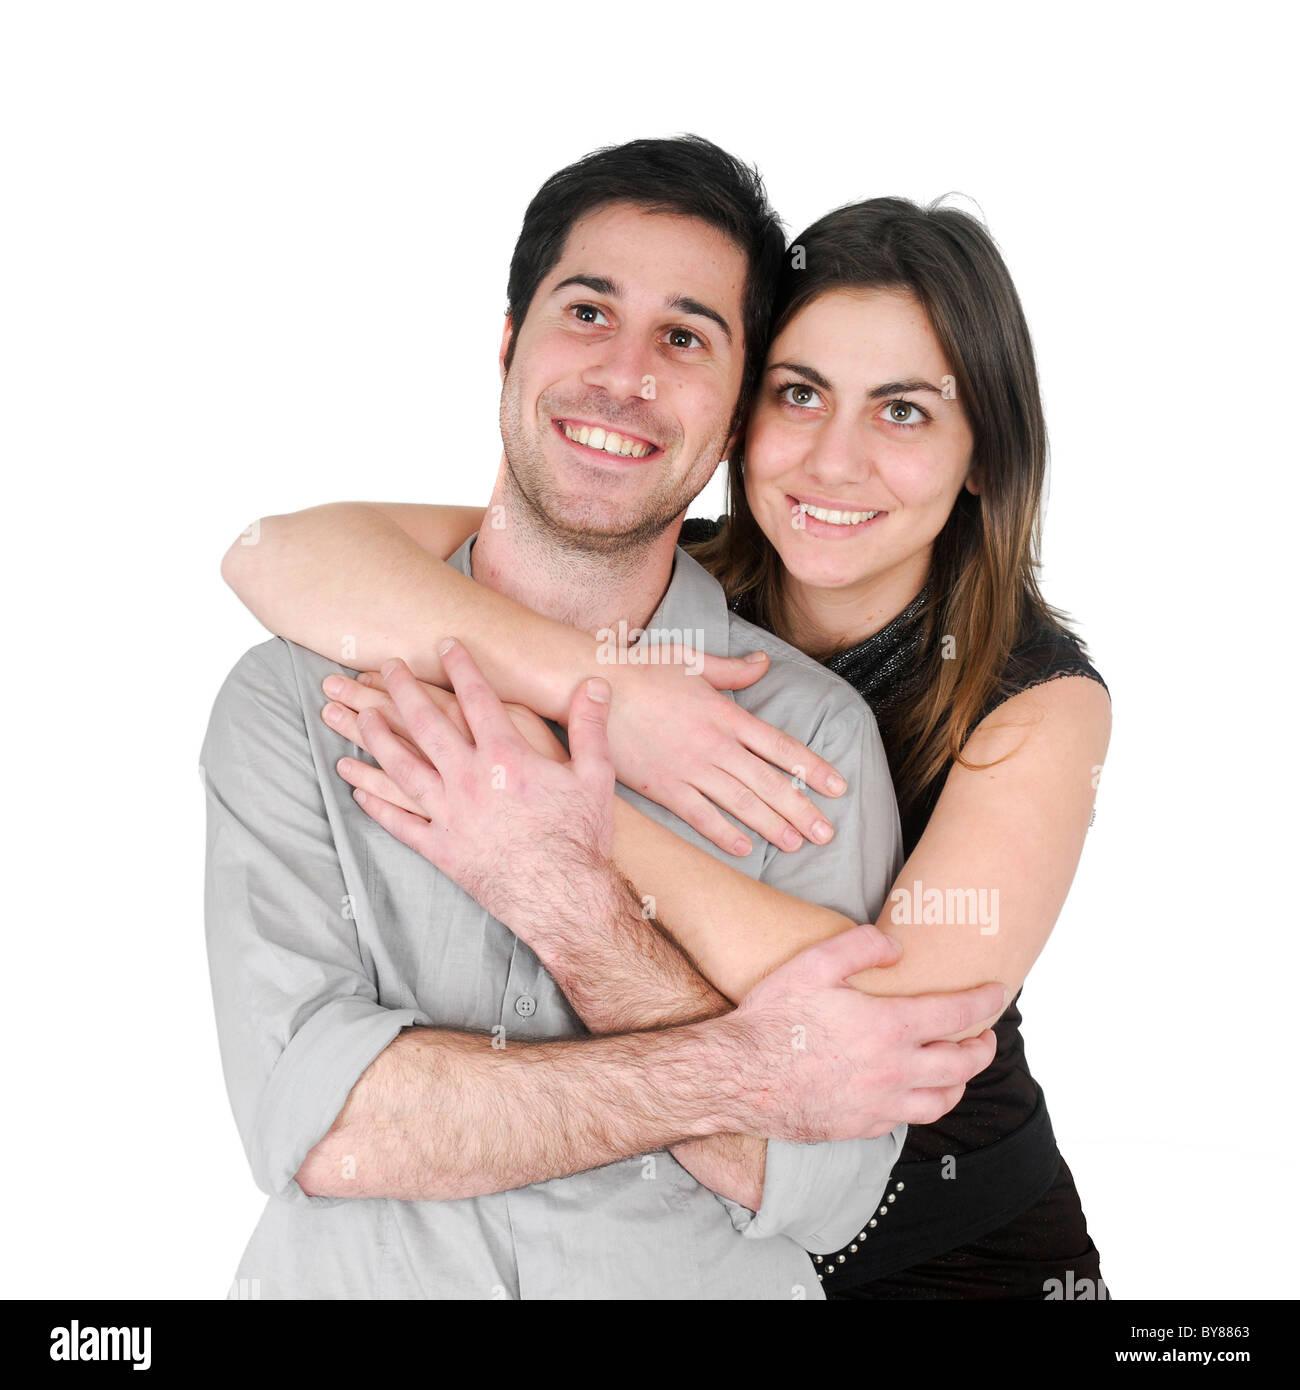 optimistic couple On white Background - Stock Image